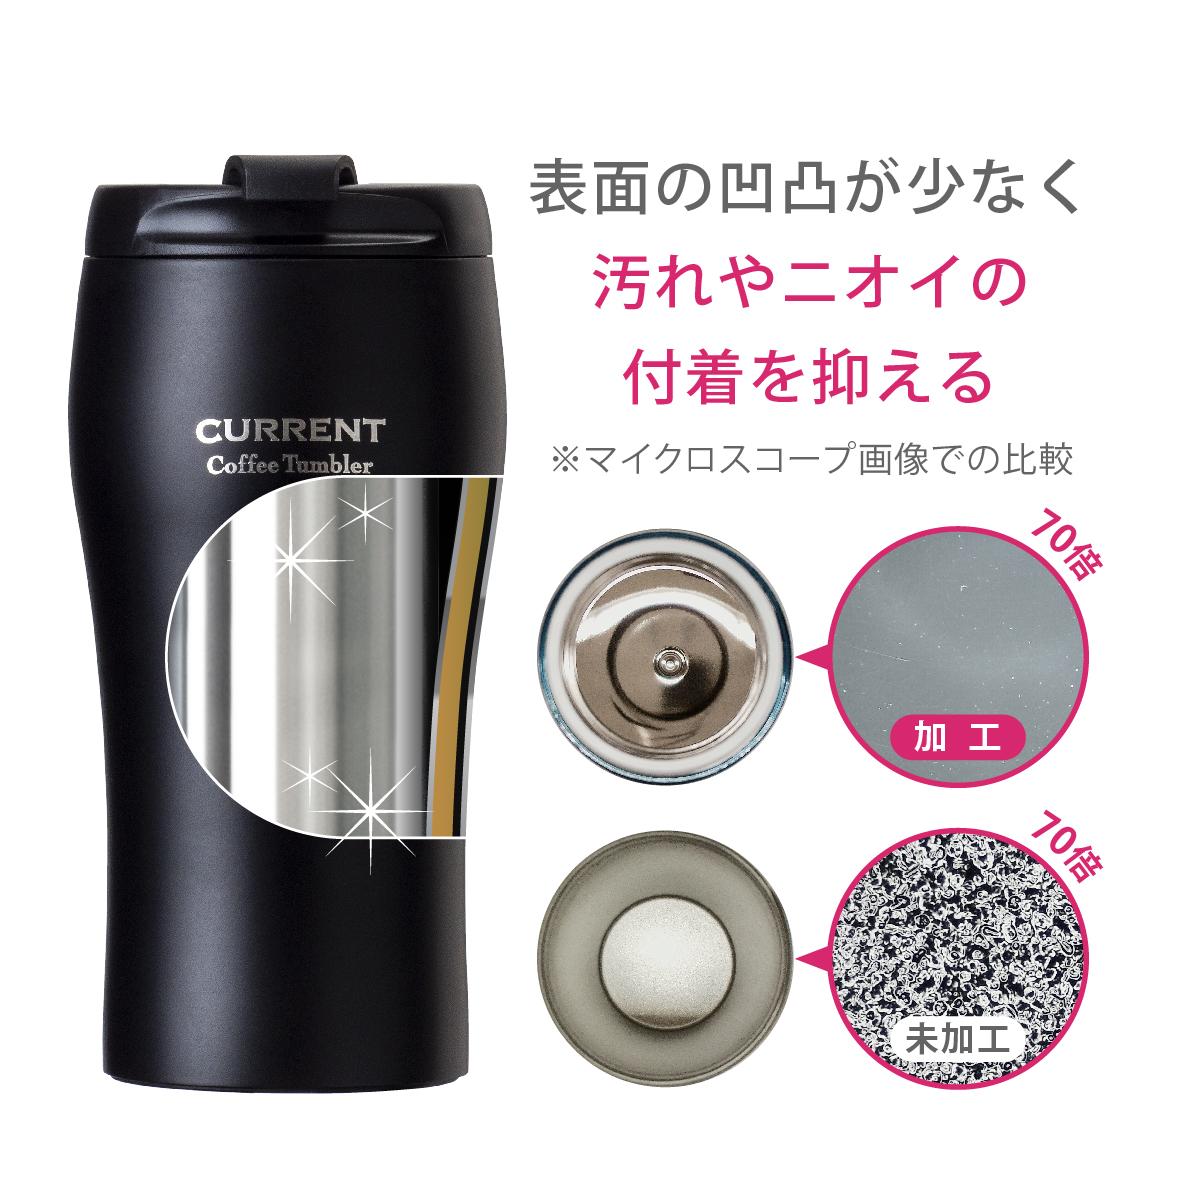 CURRENT フタ付きコーヒータンブラー 350ml  オレンジ image02